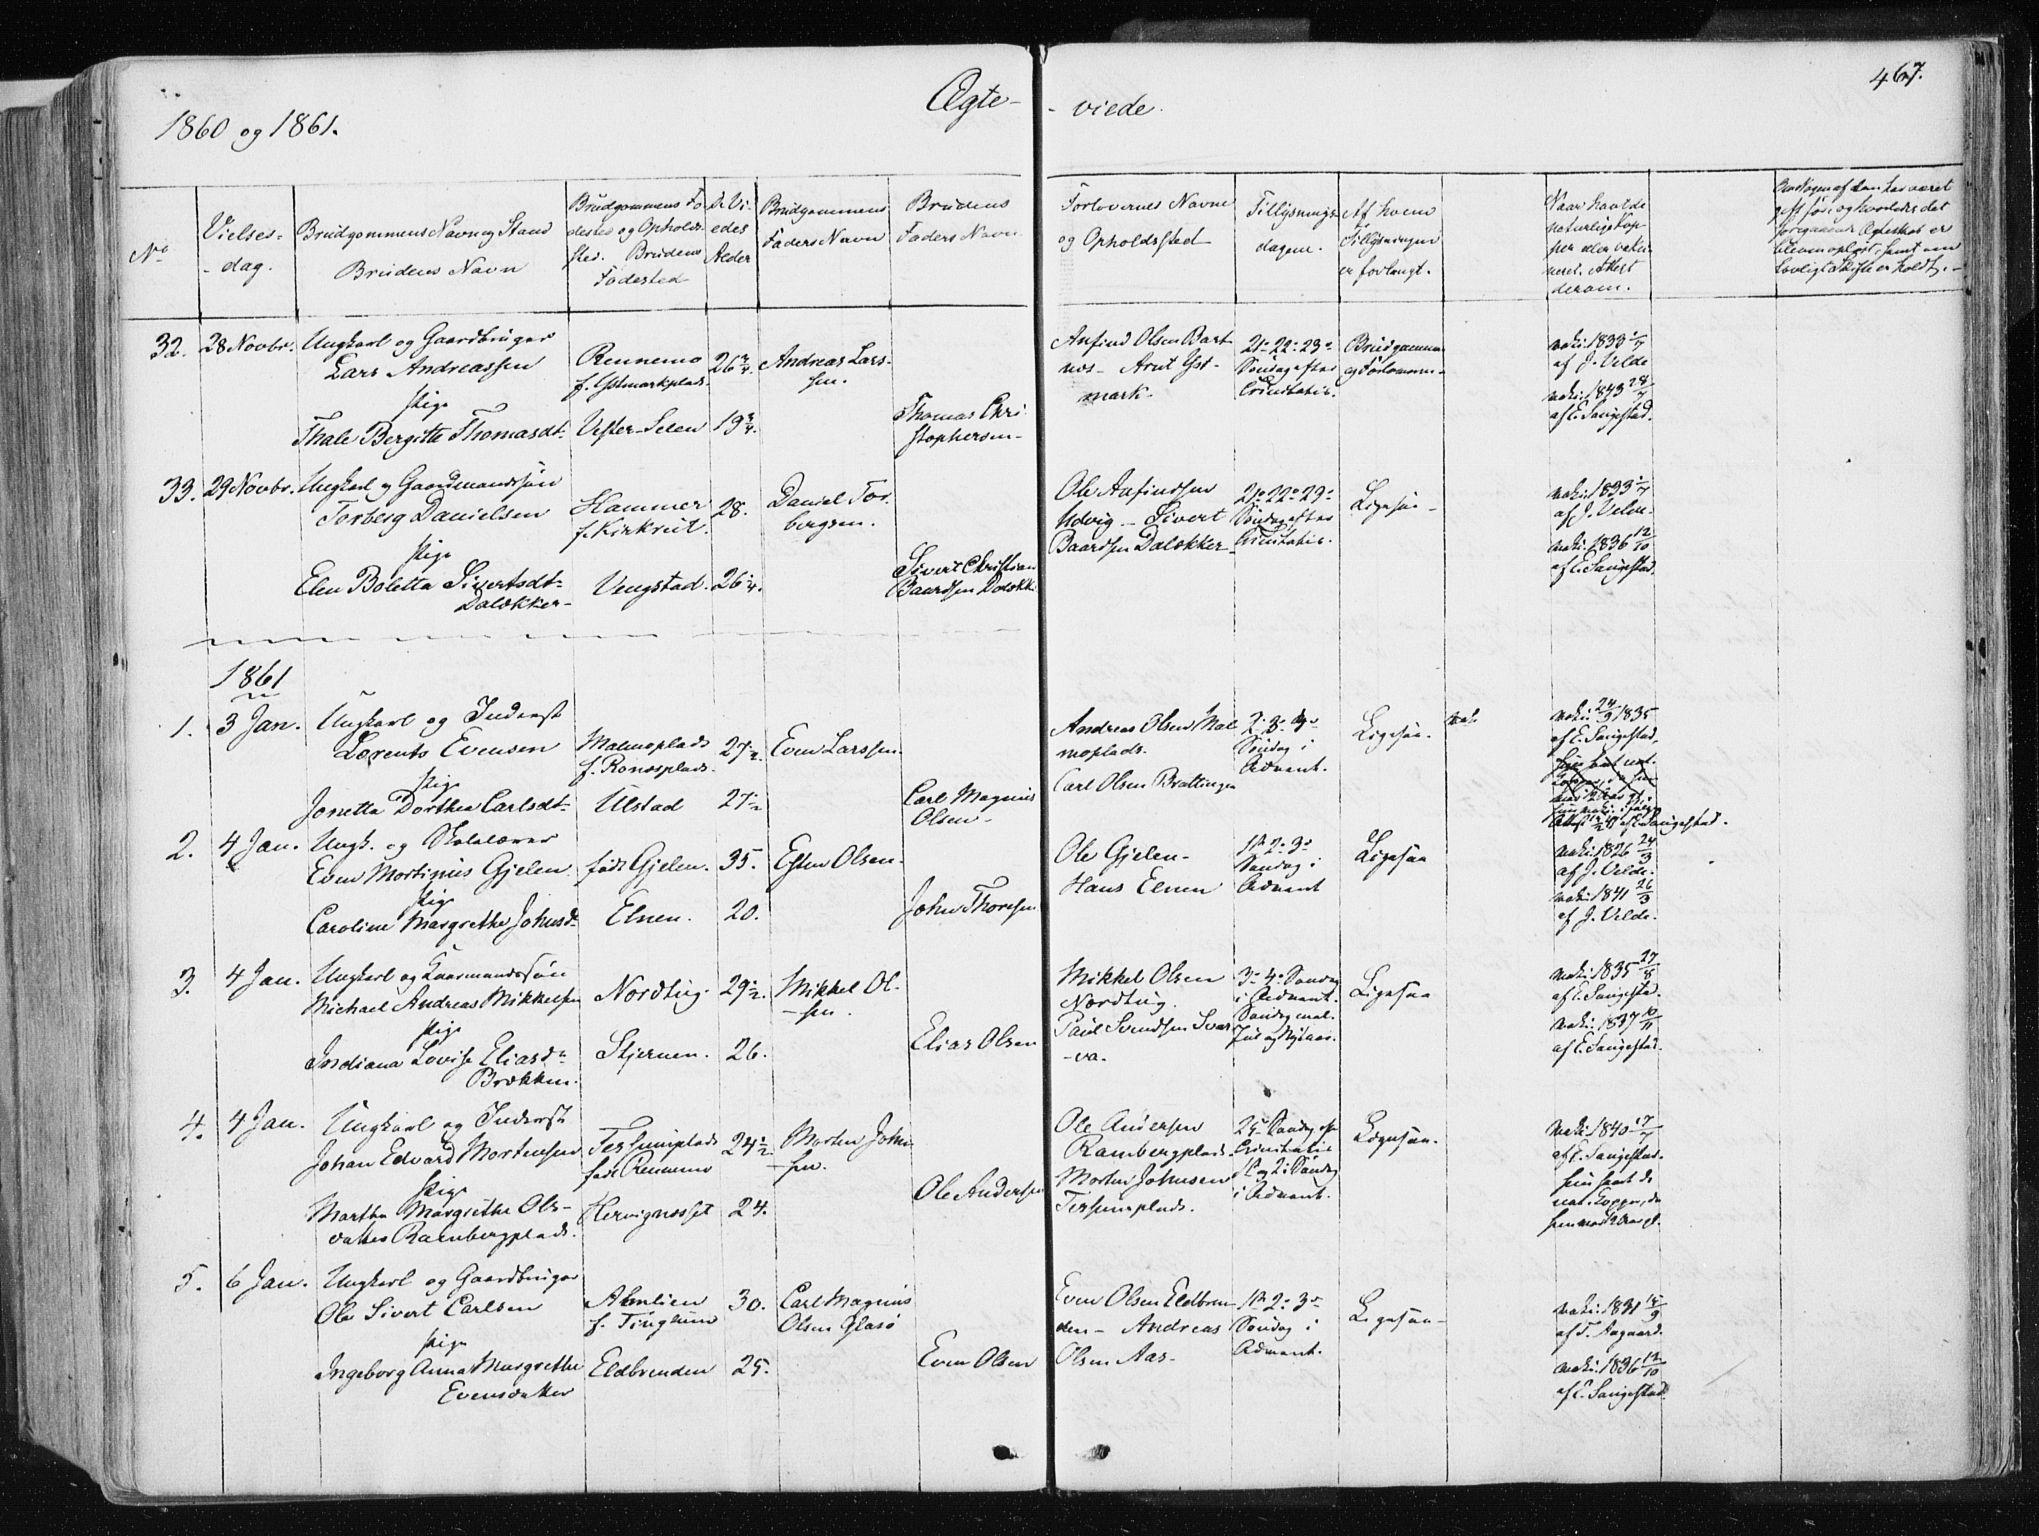 SAT, Ministerialprotokoller, klokkerbøker og fødselsregistre - Nord-Trøndelag, 741/L0393: Ministerialbok nr. 741A07, 1849-1863, s. 467